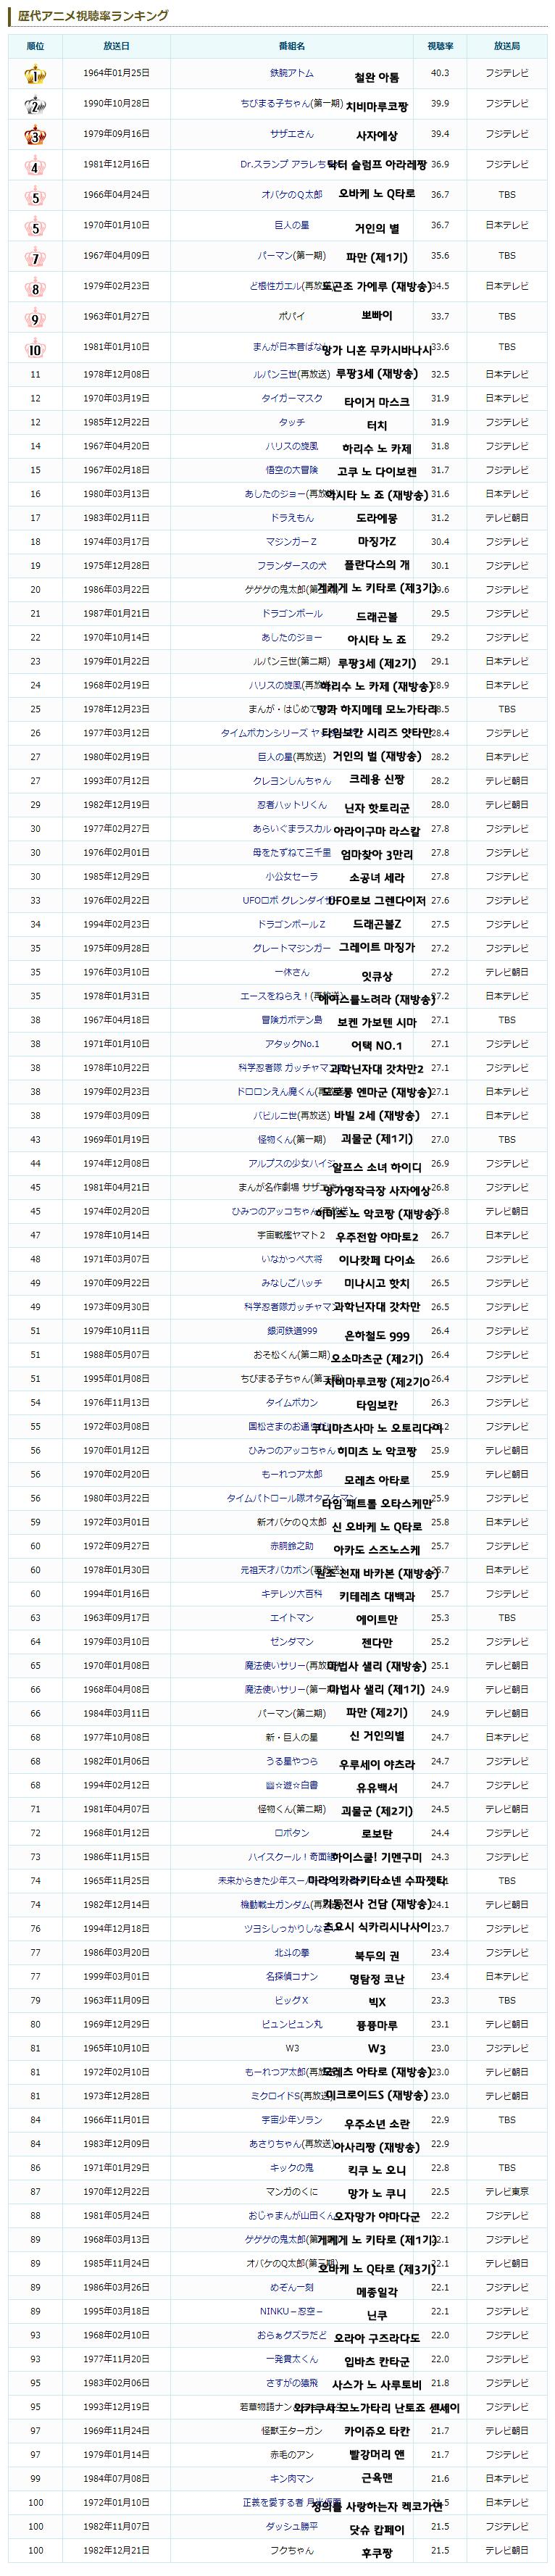 [일본] 역대 애니 시청률 TOP 100